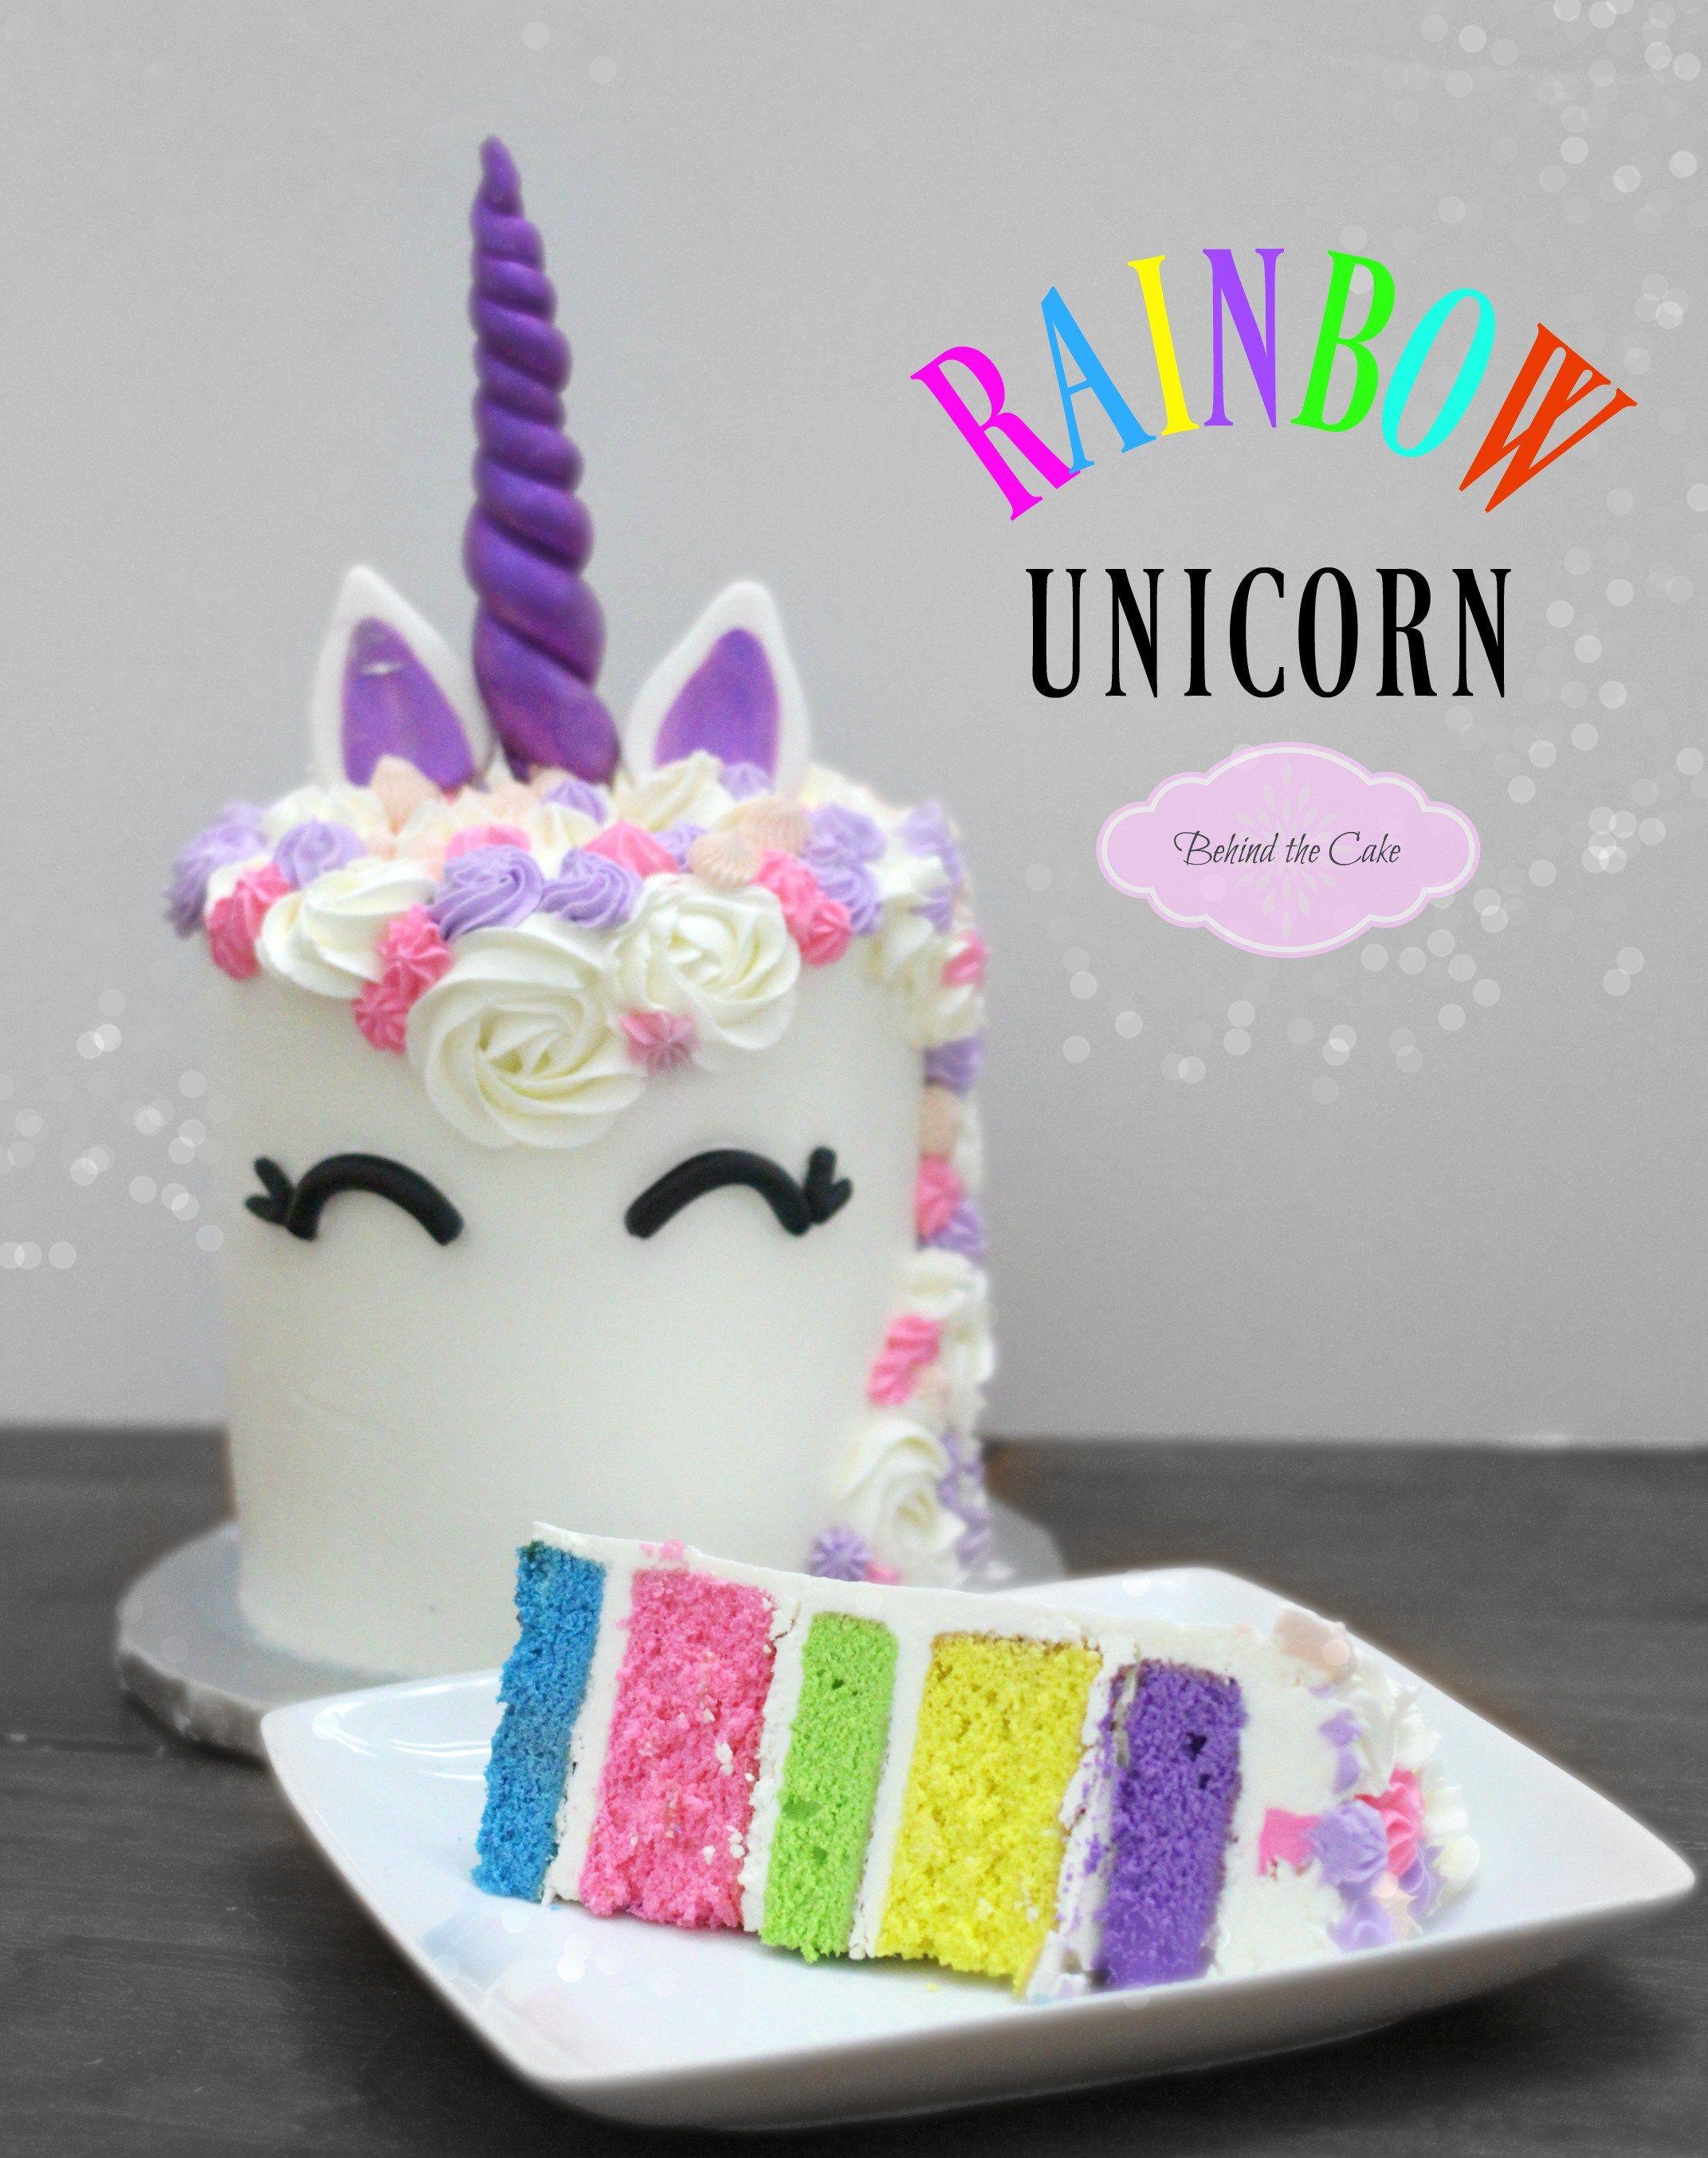 How To Make A Rainbow Unicorn Cake Diy Unicorn Cake Unicorn